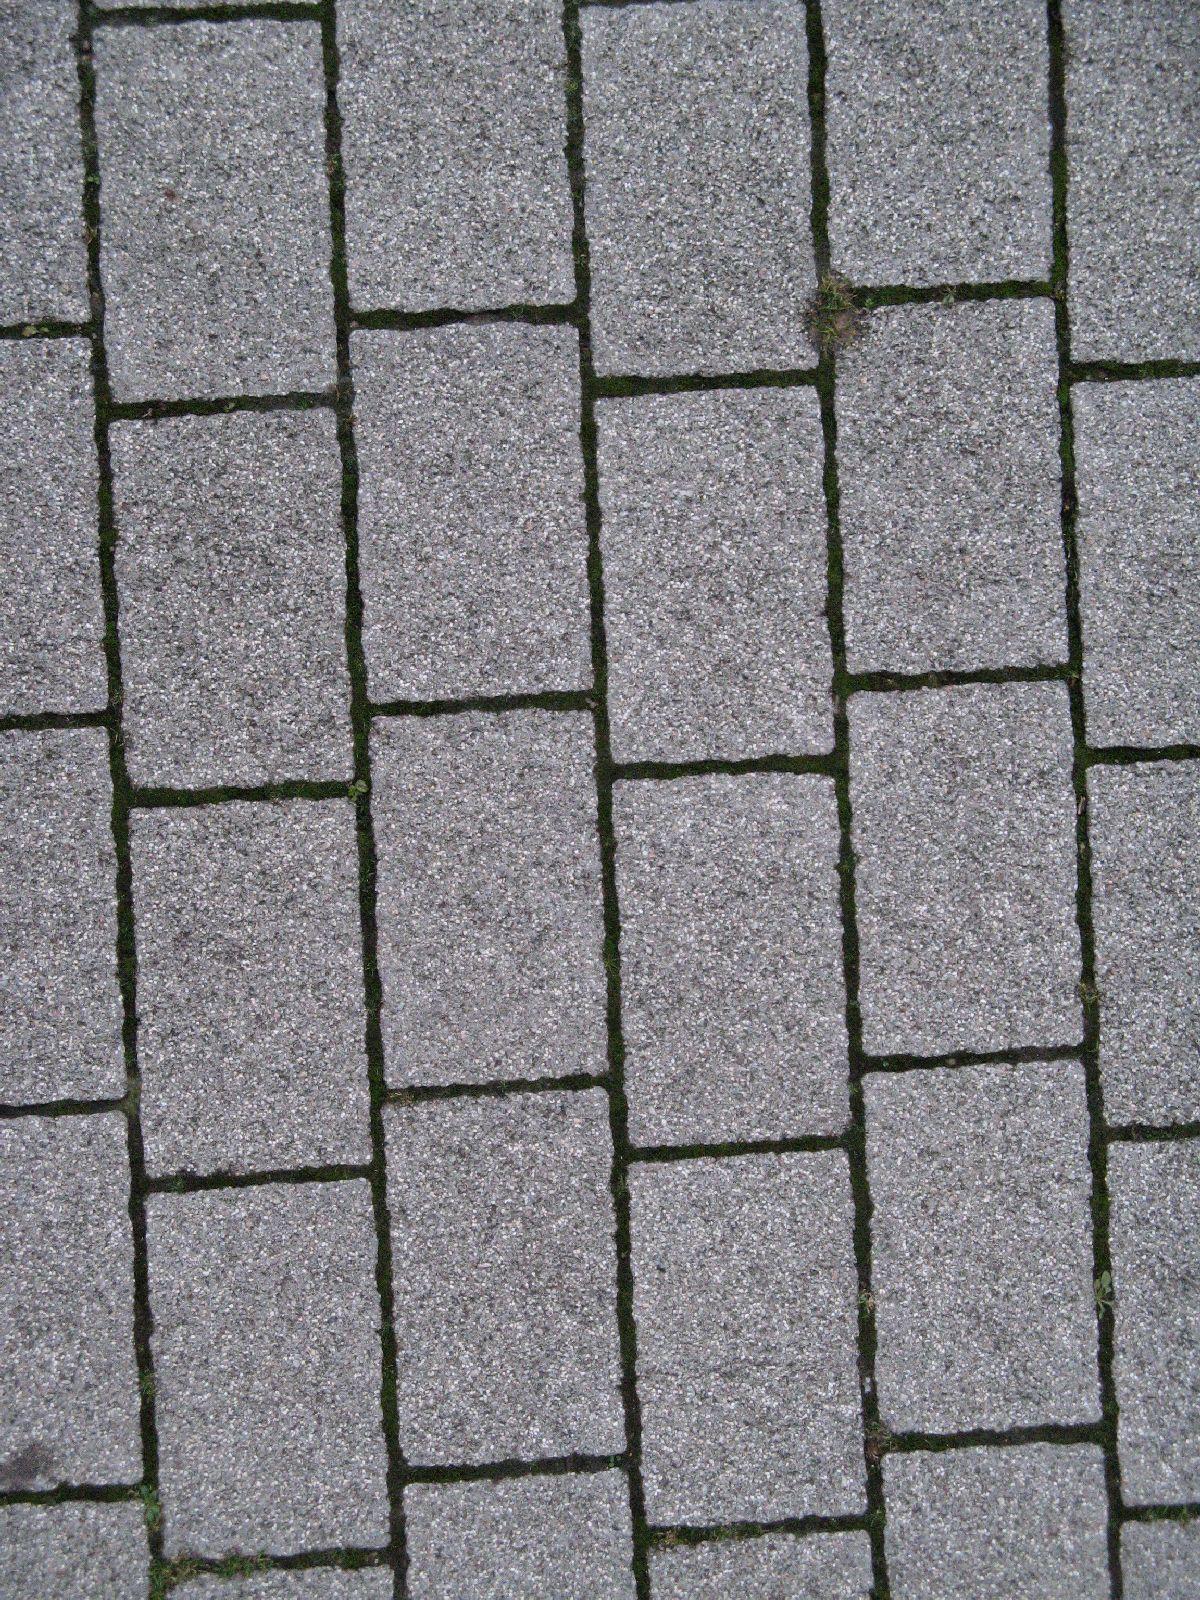 Boden-Gehweg-Strasse-Buergersteig-Textur_B_02272